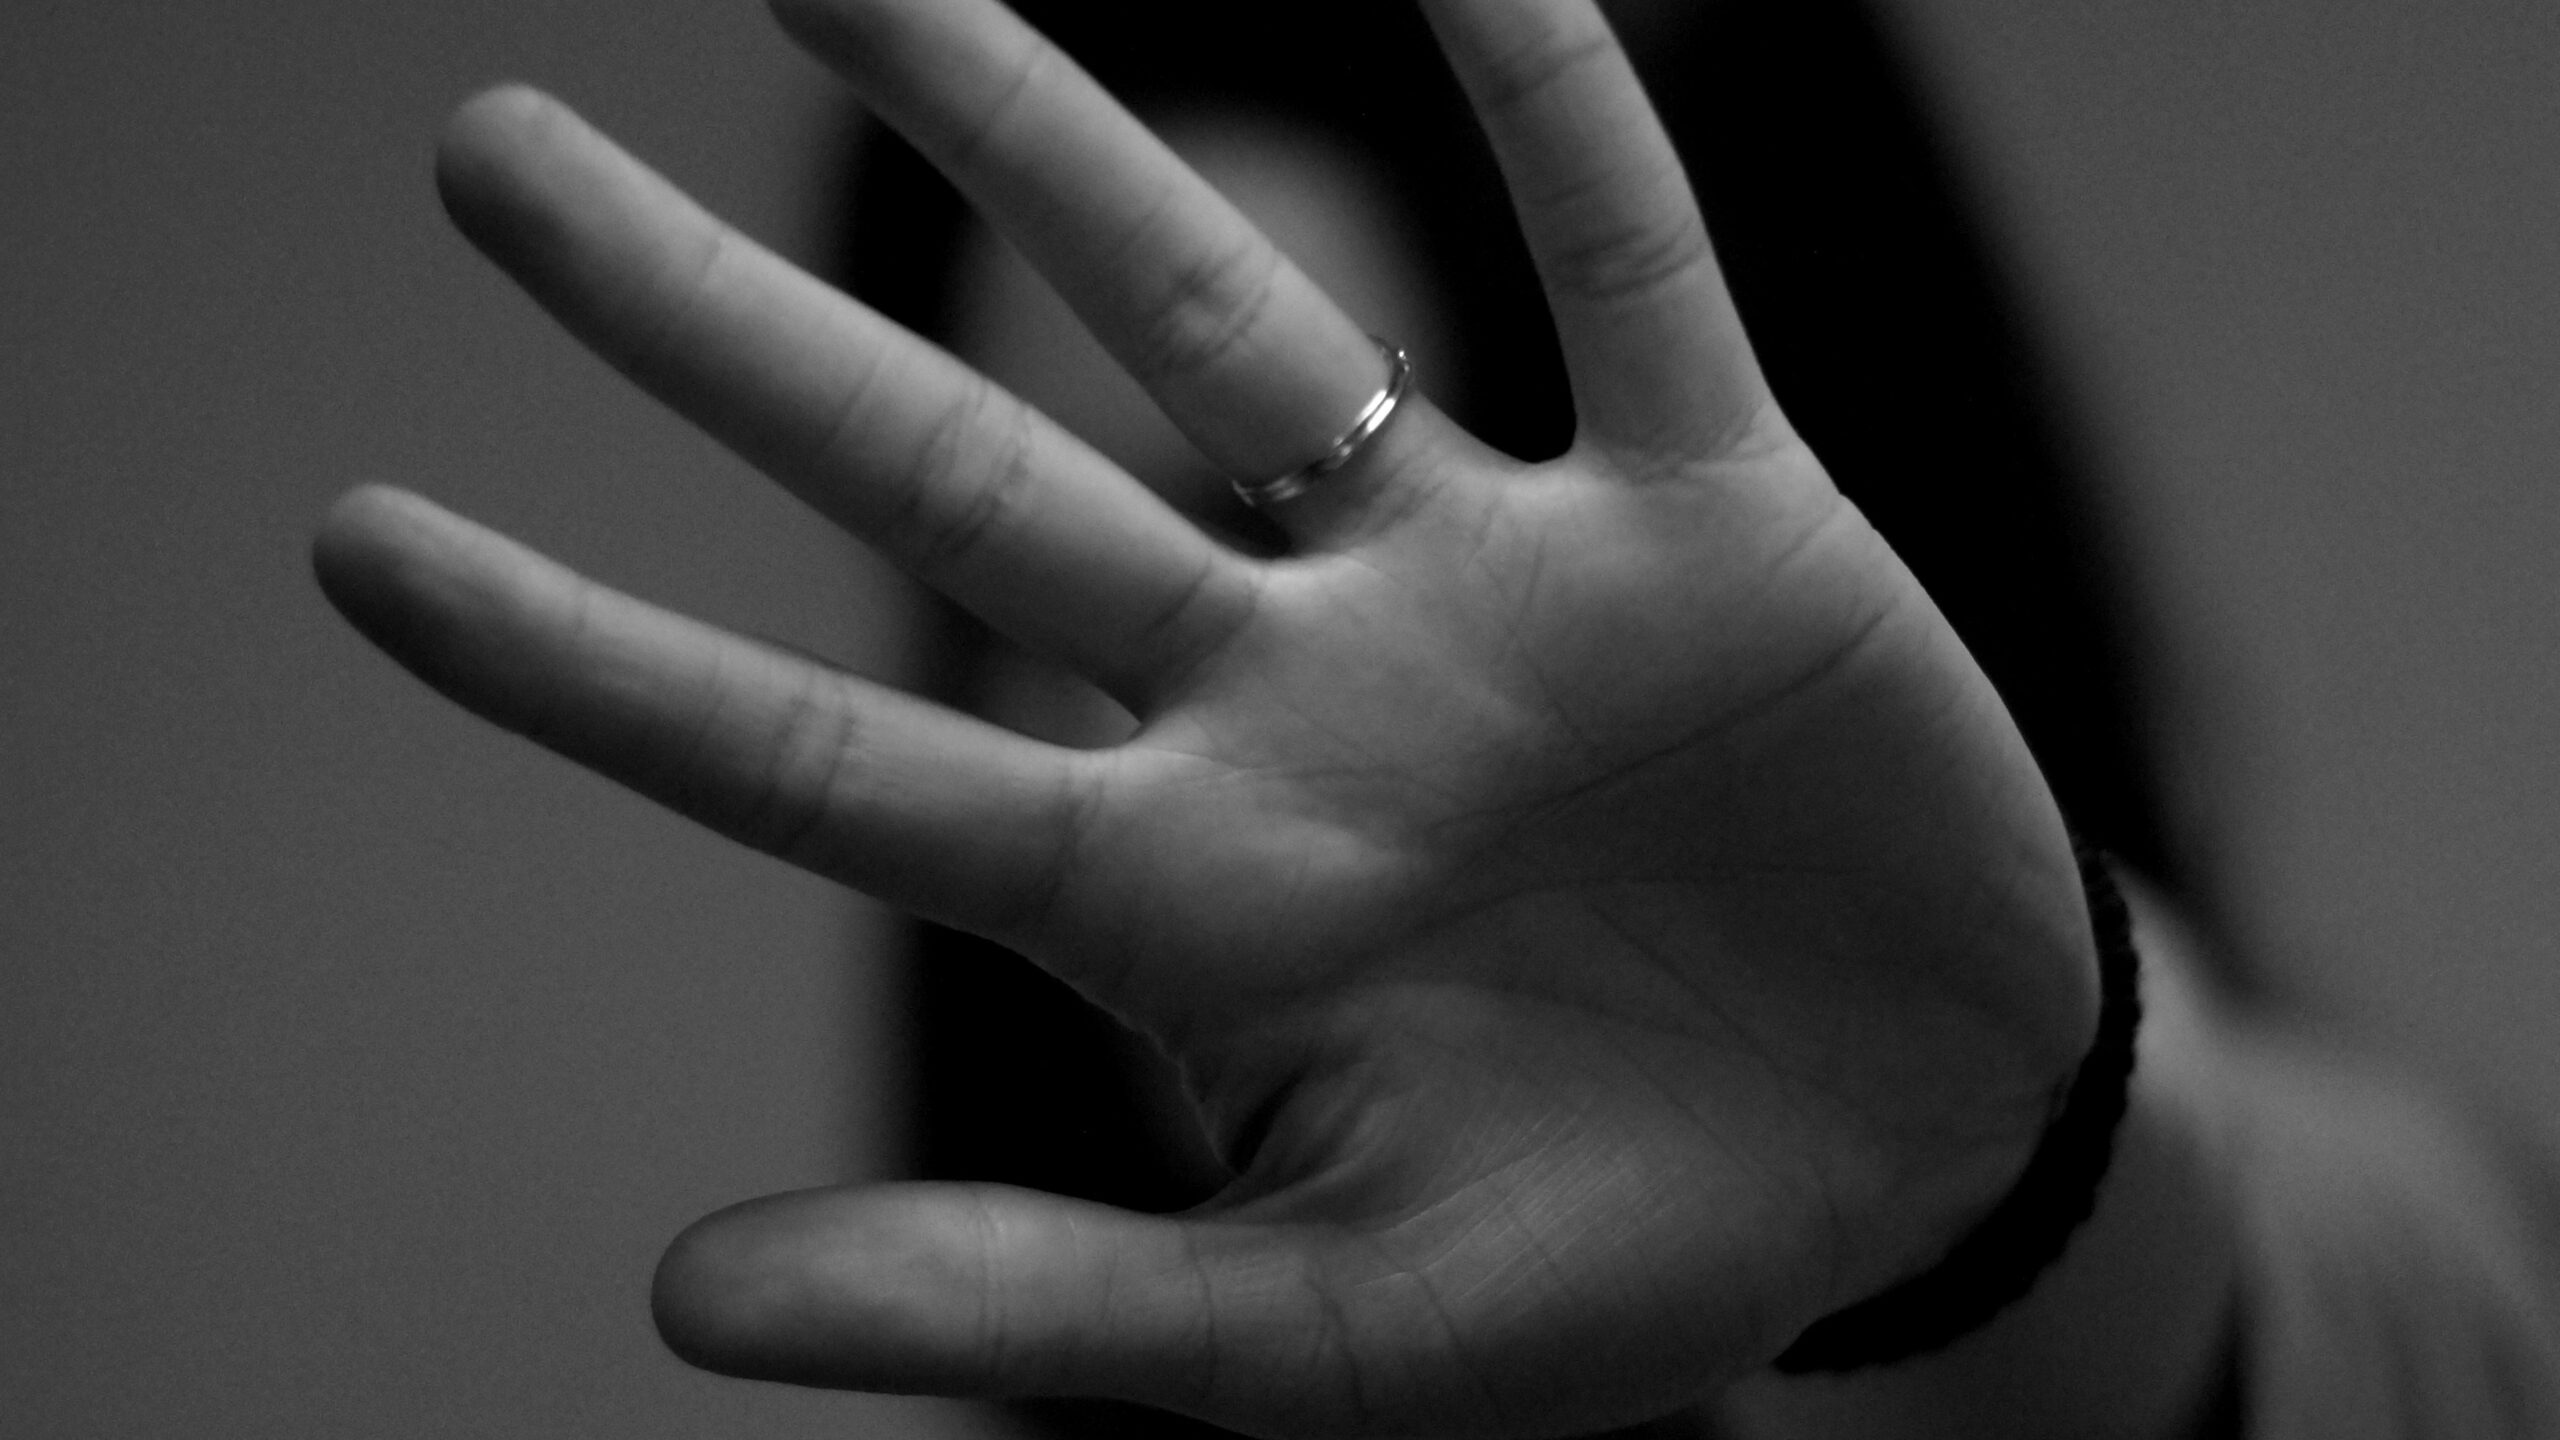 Kiedy nieświadomość bezprawności czynu wyłącza odpowiedzialność karną?